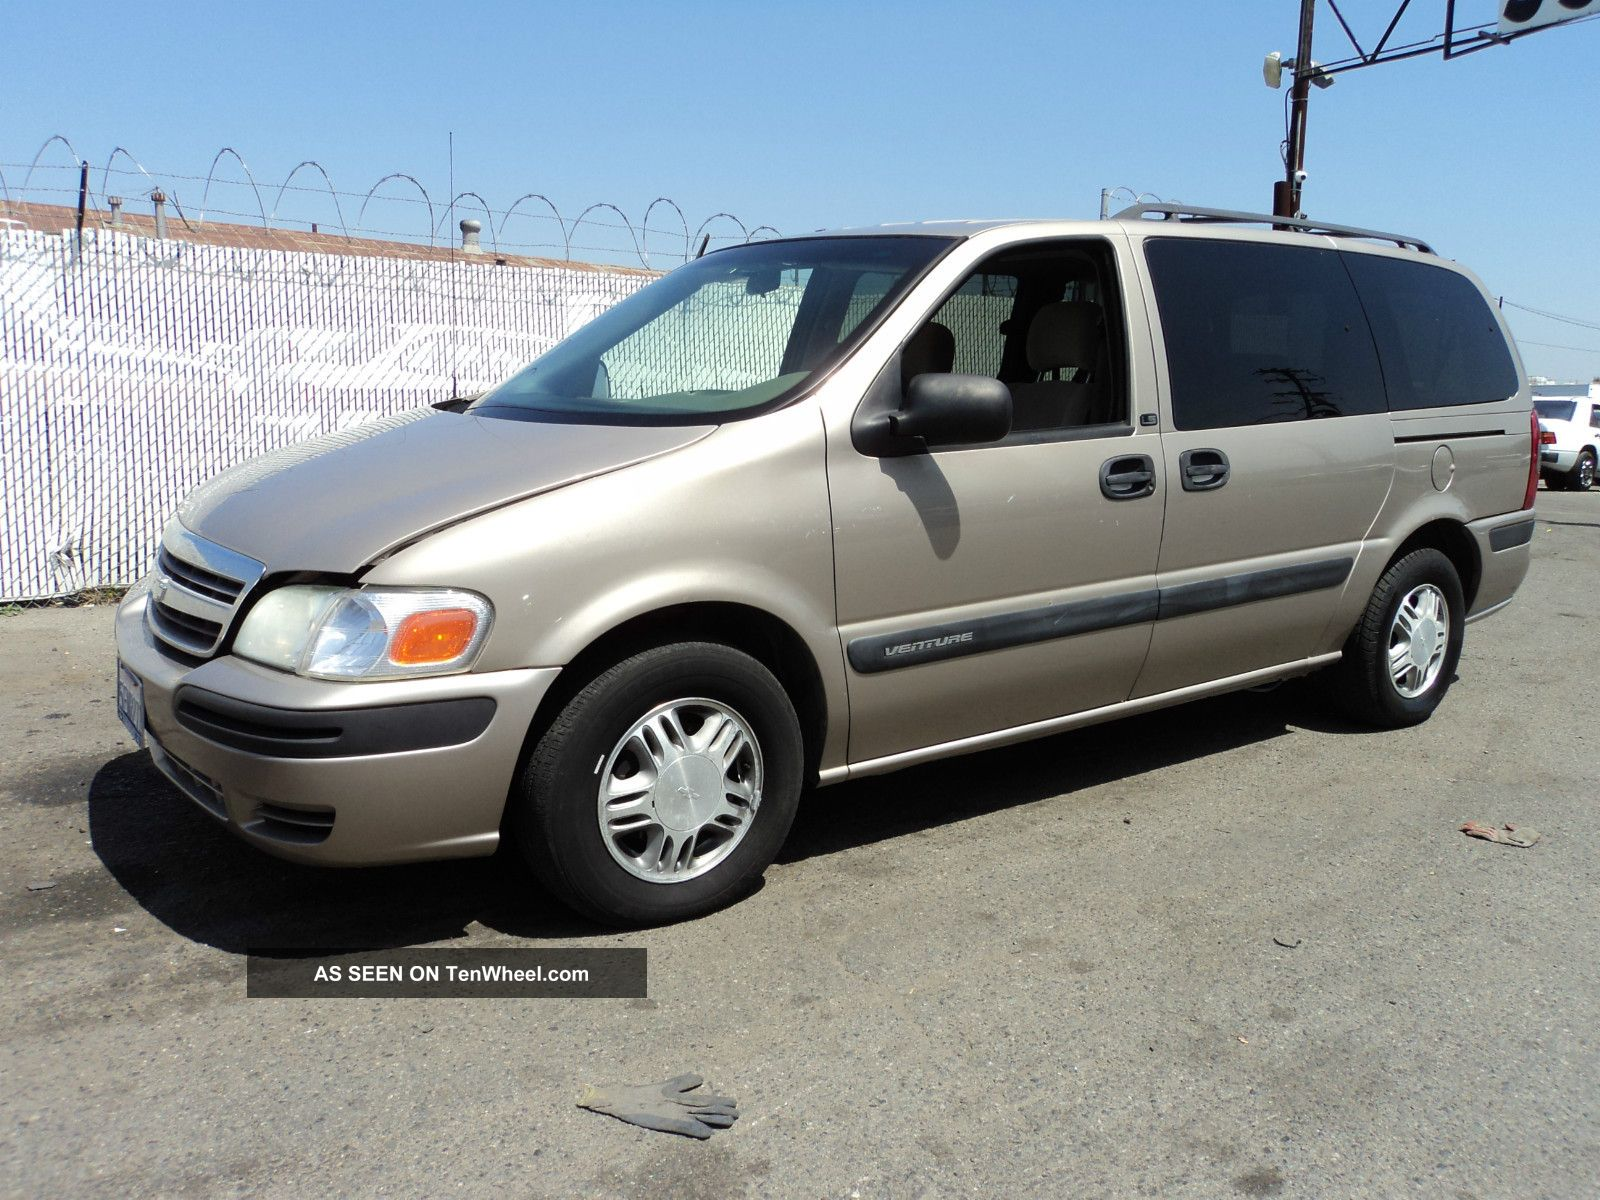 2003 Chevrolet Venture Ls Mini Passenger Van 4 Door 3 4l